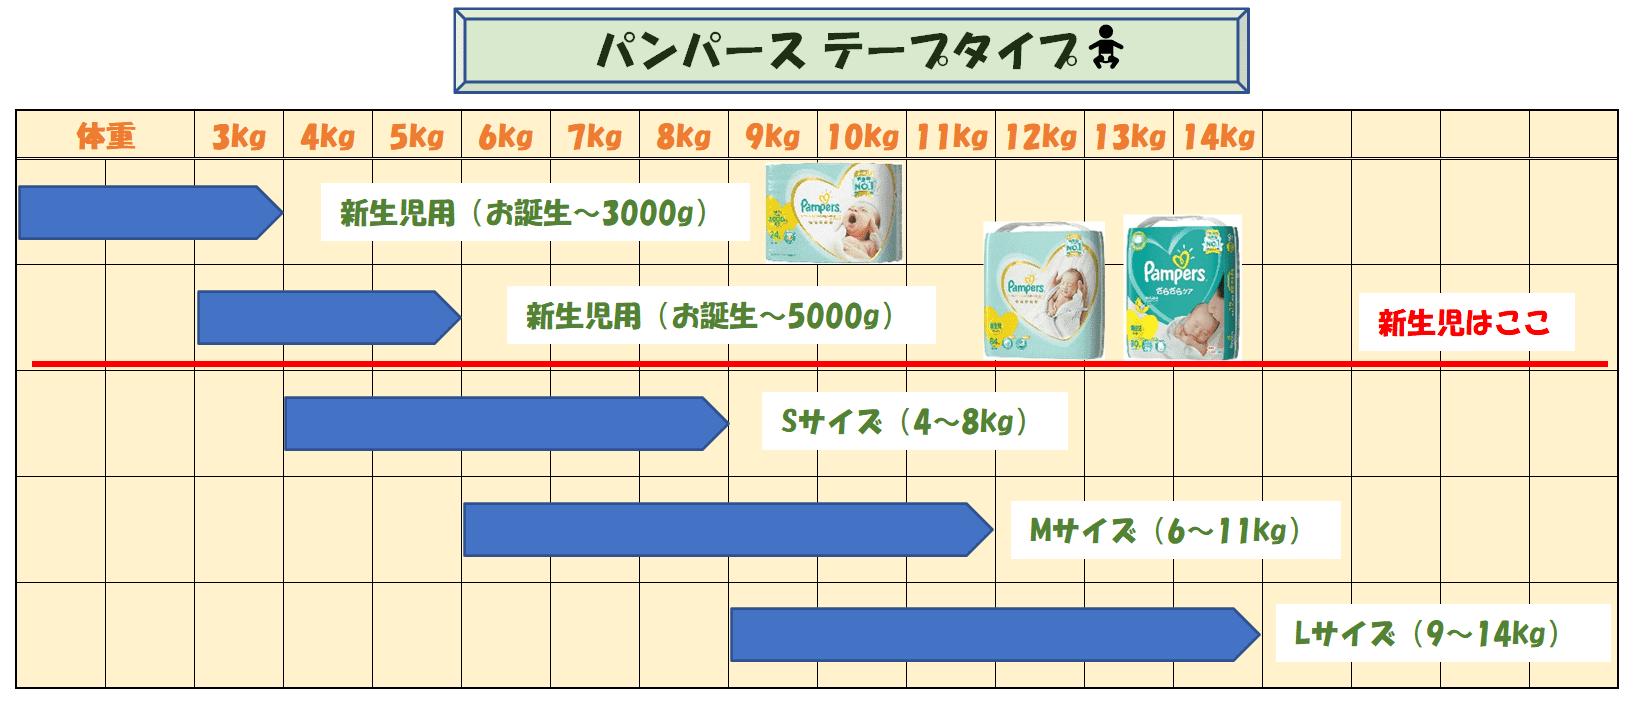 パンパースの成長に合わせたサイズ表